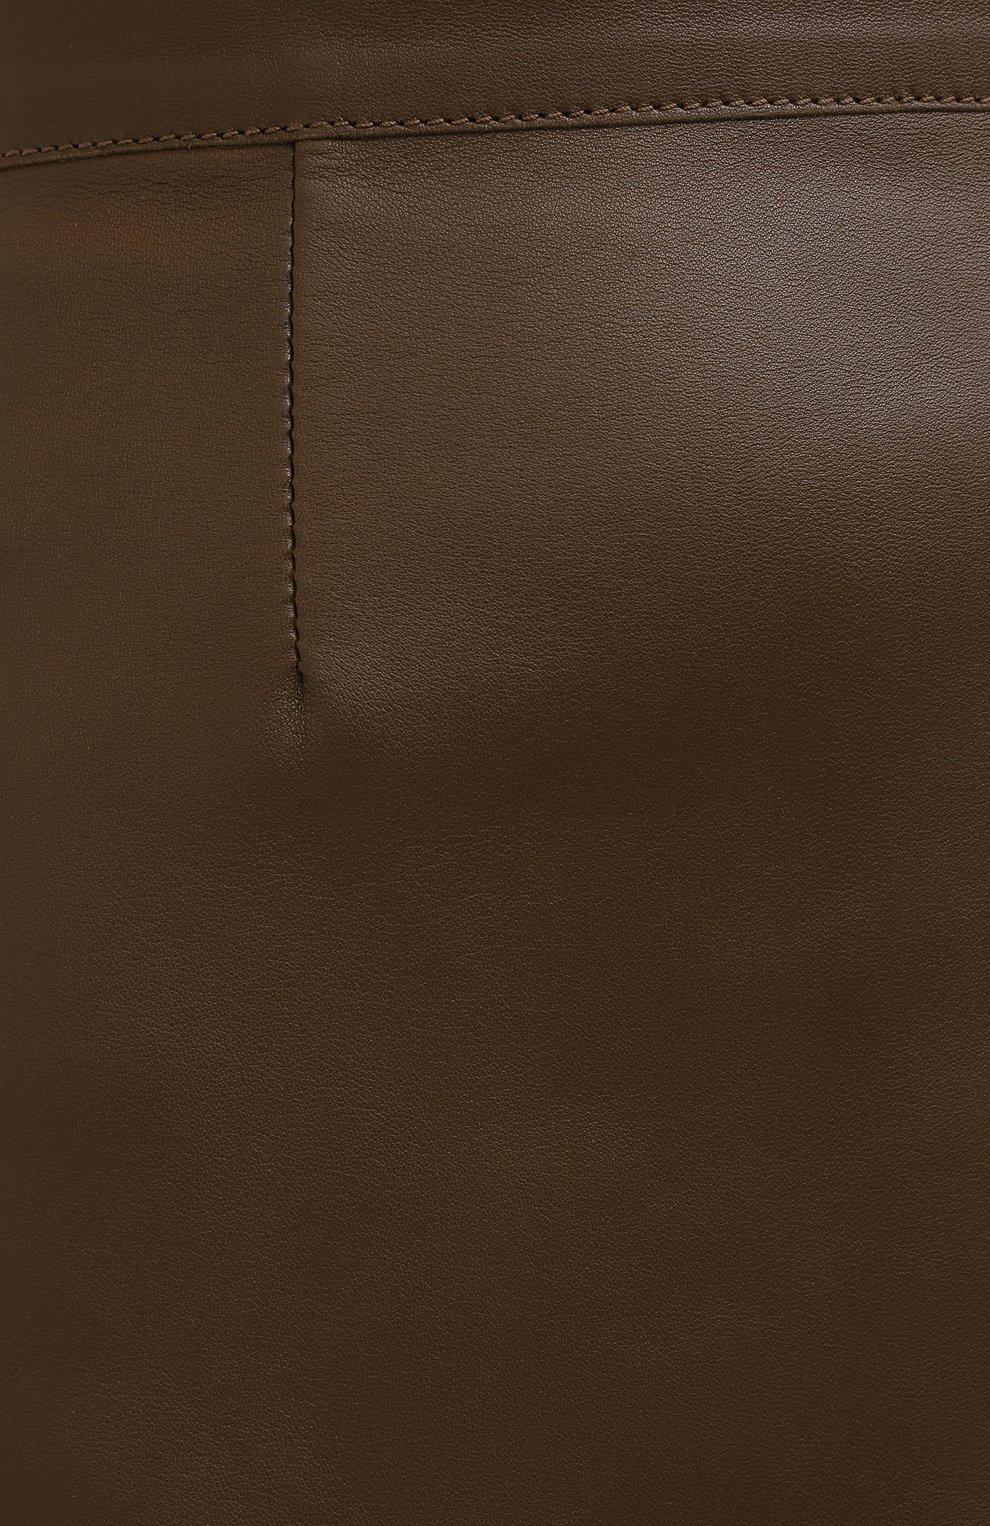 Женская кожаная юбка INES&MARECHAL коричневого цвета, арт. DAISY CUIR AGNEAU SINTRA | Фото 5